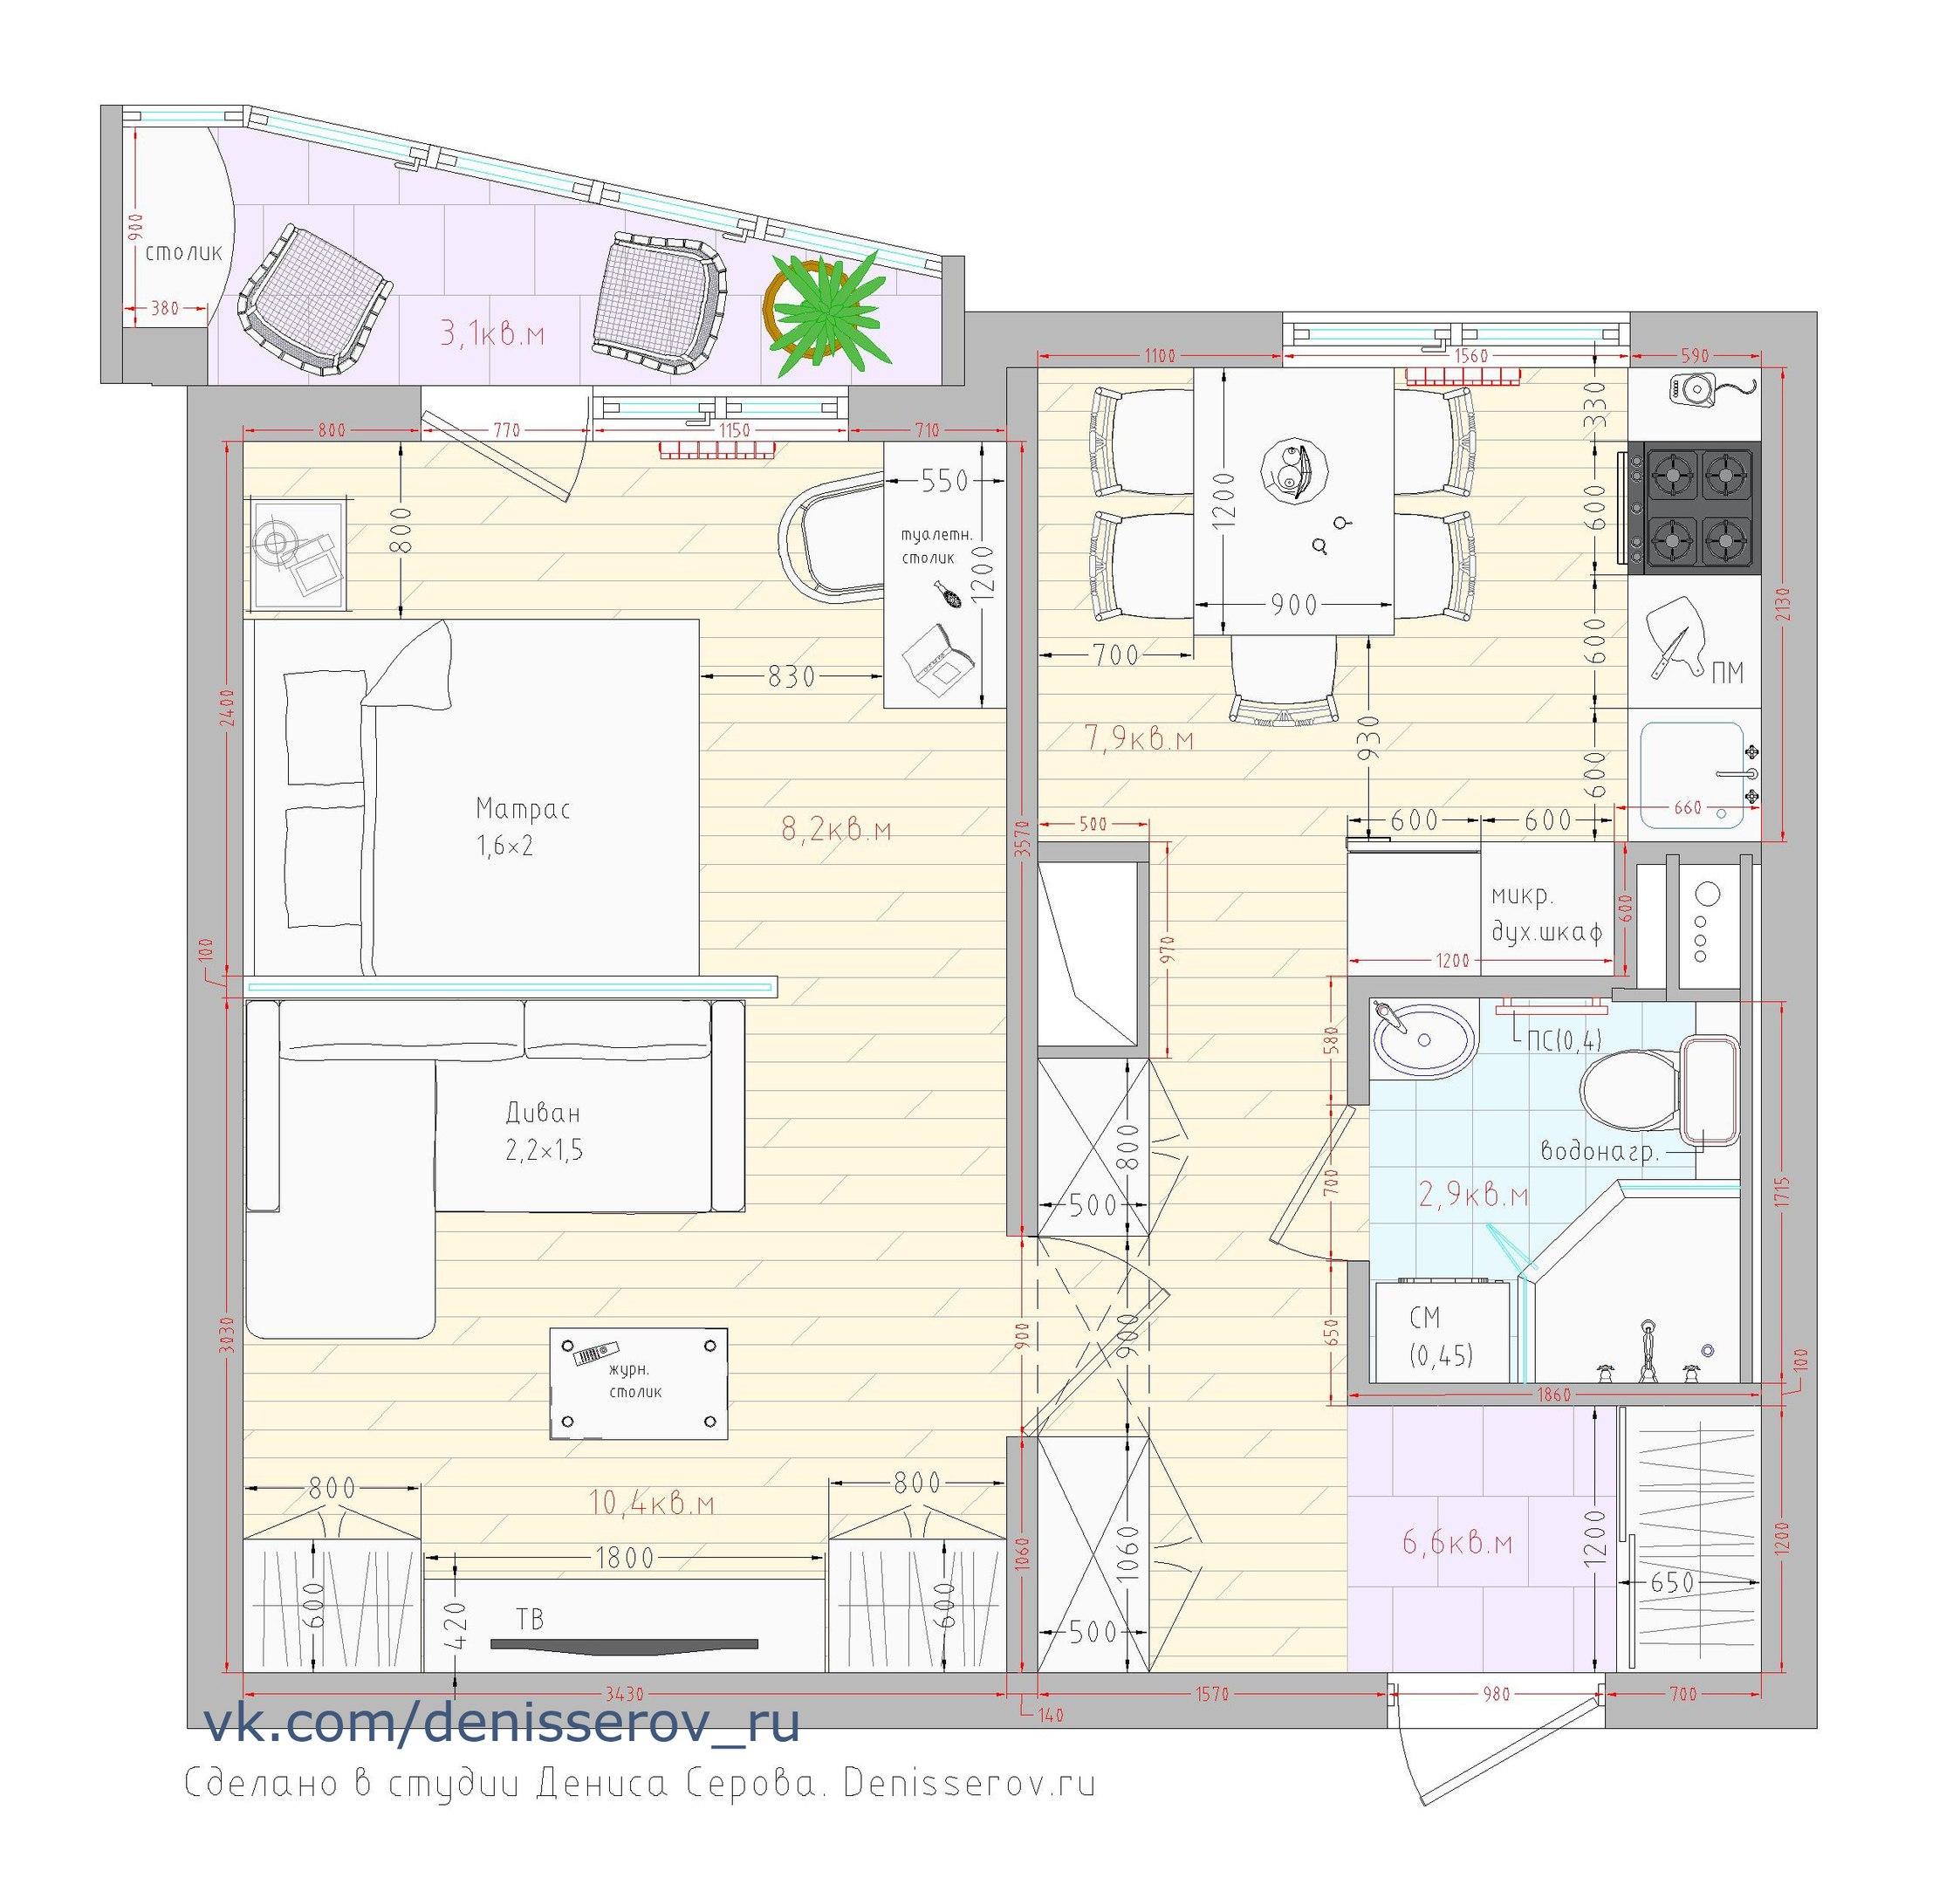 Перепланировка квартиры, особенности, сбор документов